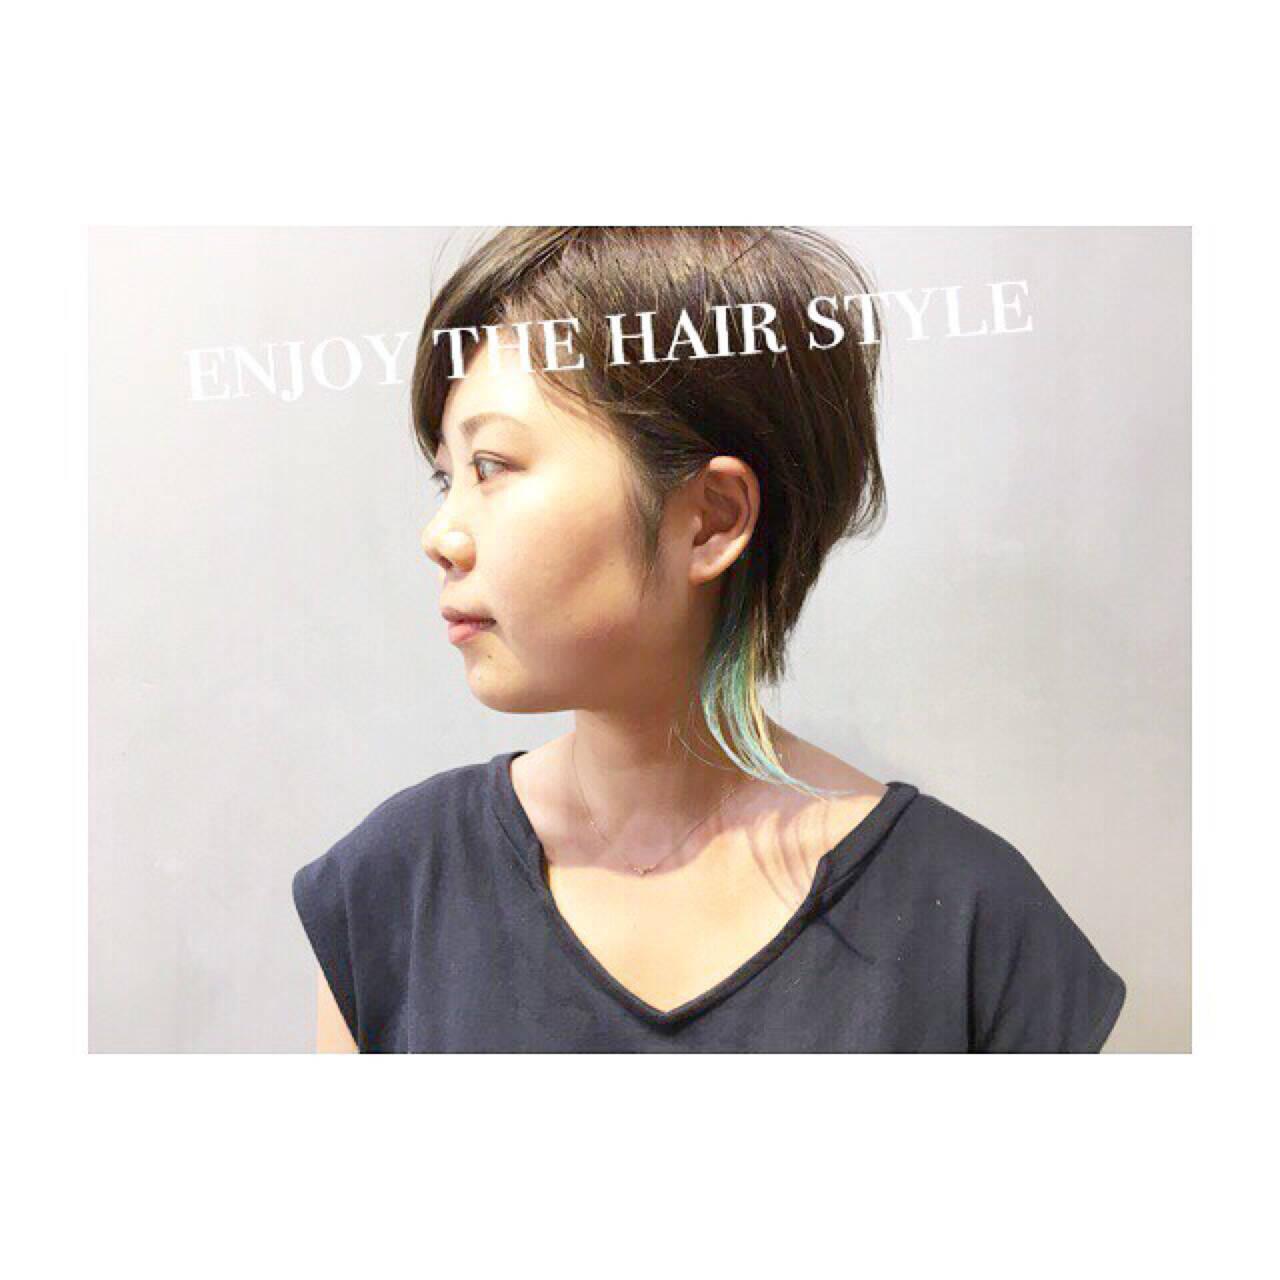 外国人風カラー ホワイトアッシュ ベージュ ダブルカラーヘアスタイルや髪型の写真・画像